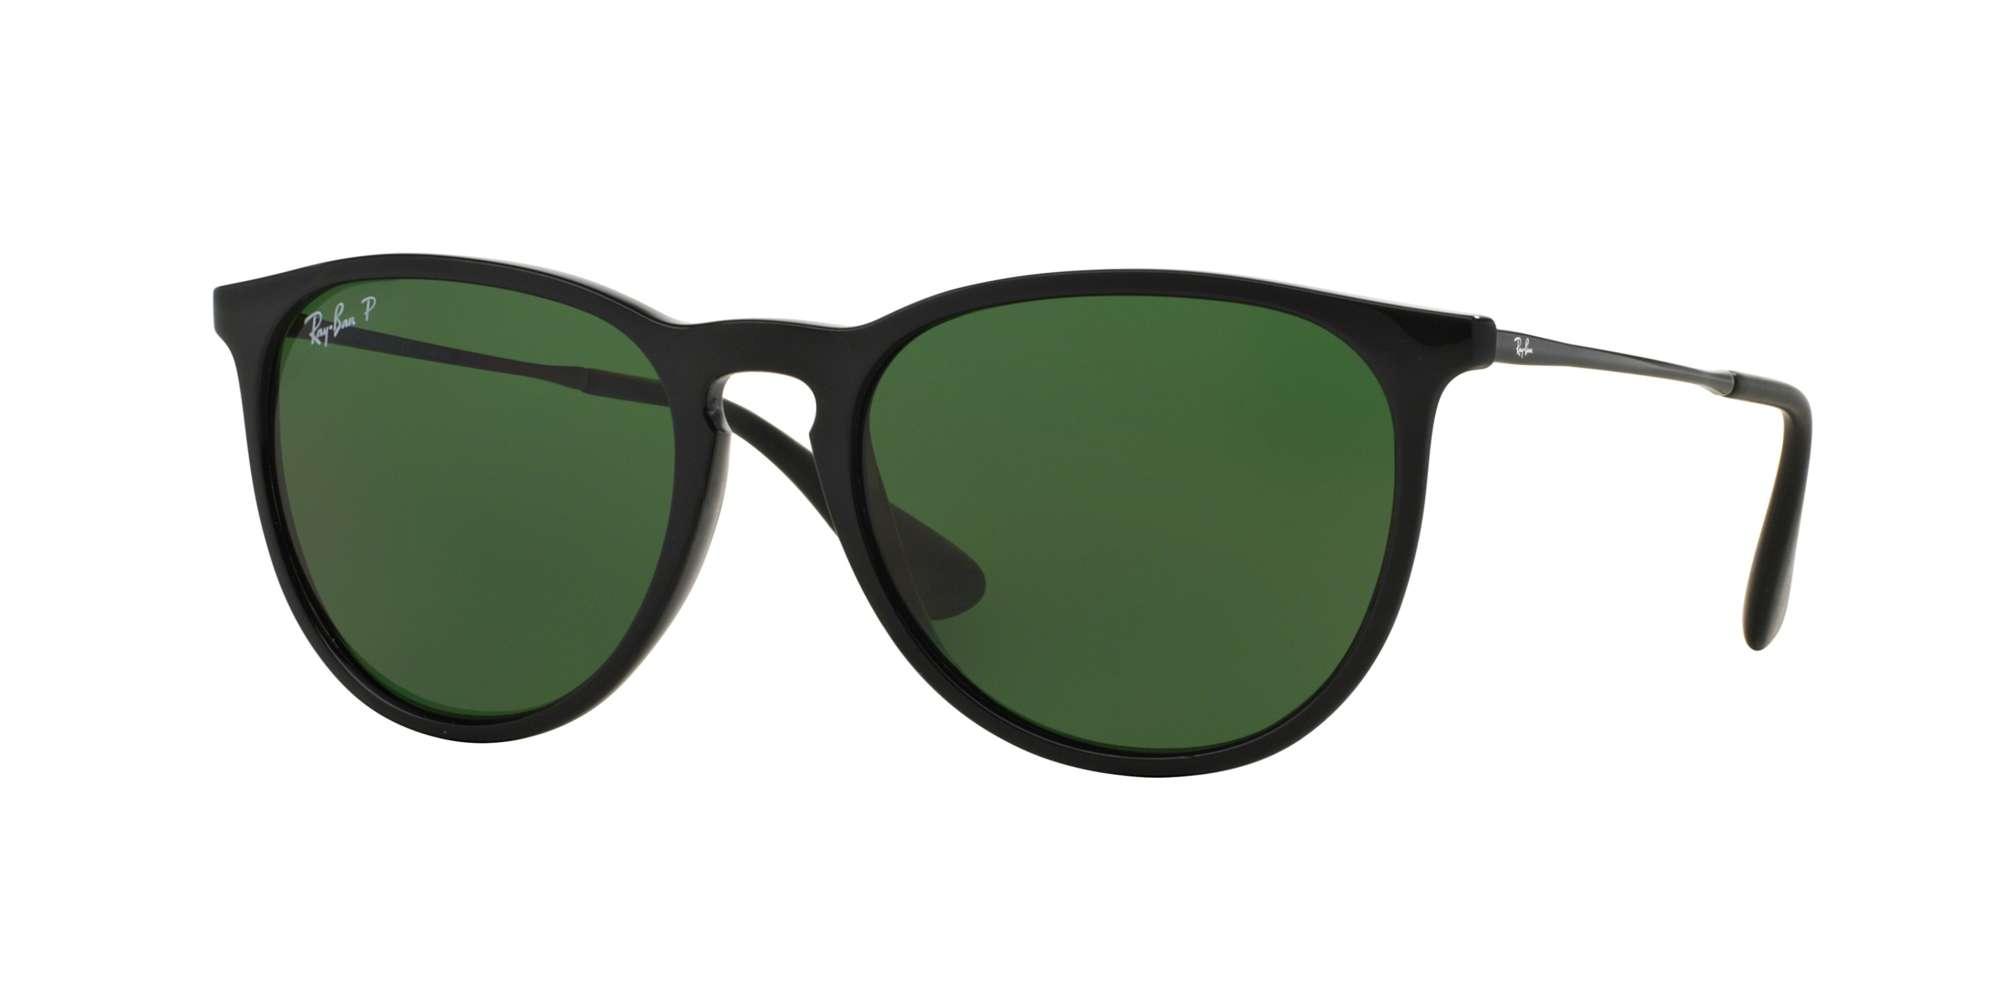 BLACK / POLAR GREEN lenses